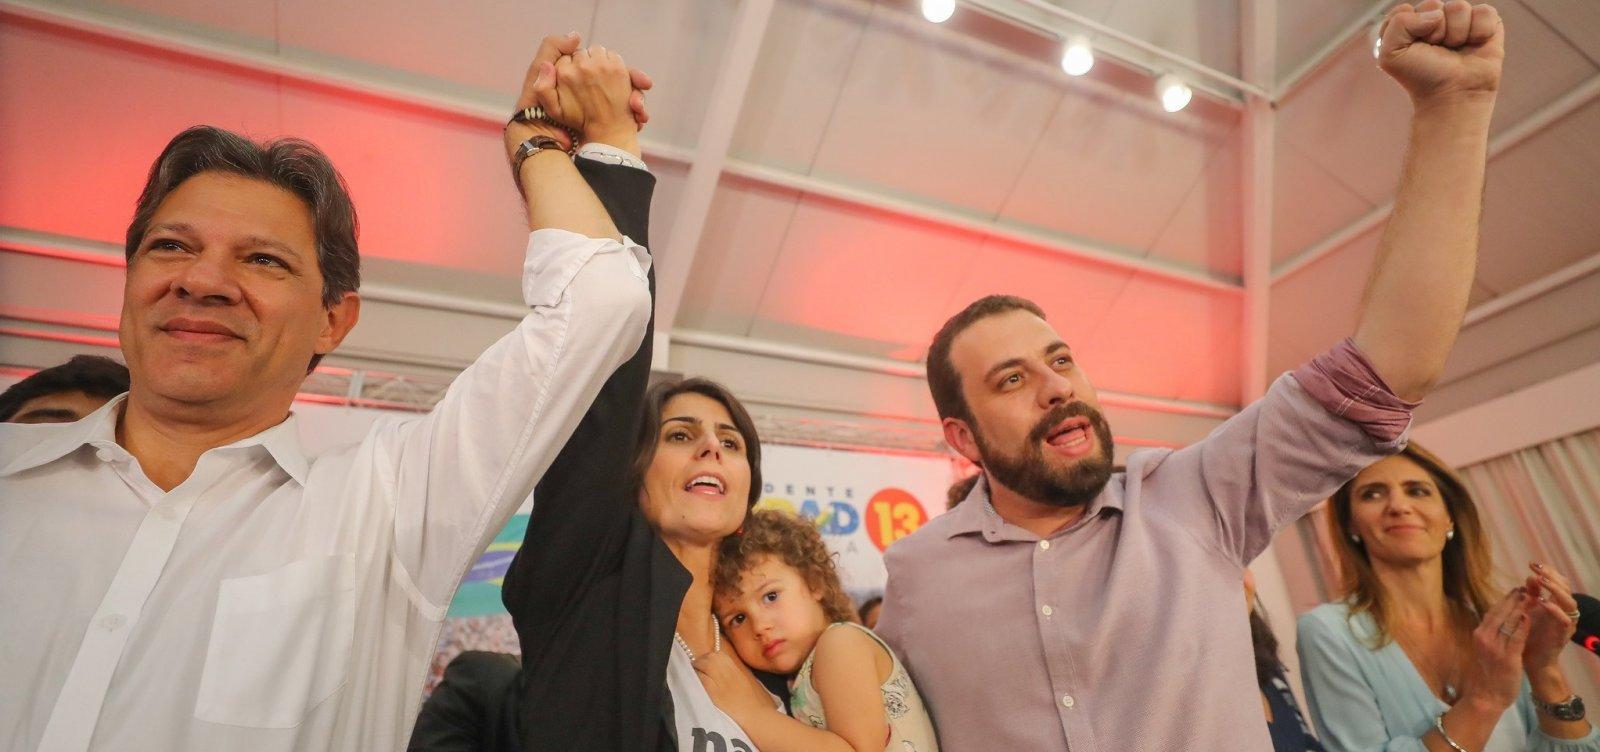 [Após derrota de Haddad, setores do PT divergem sobre ações na oposição]